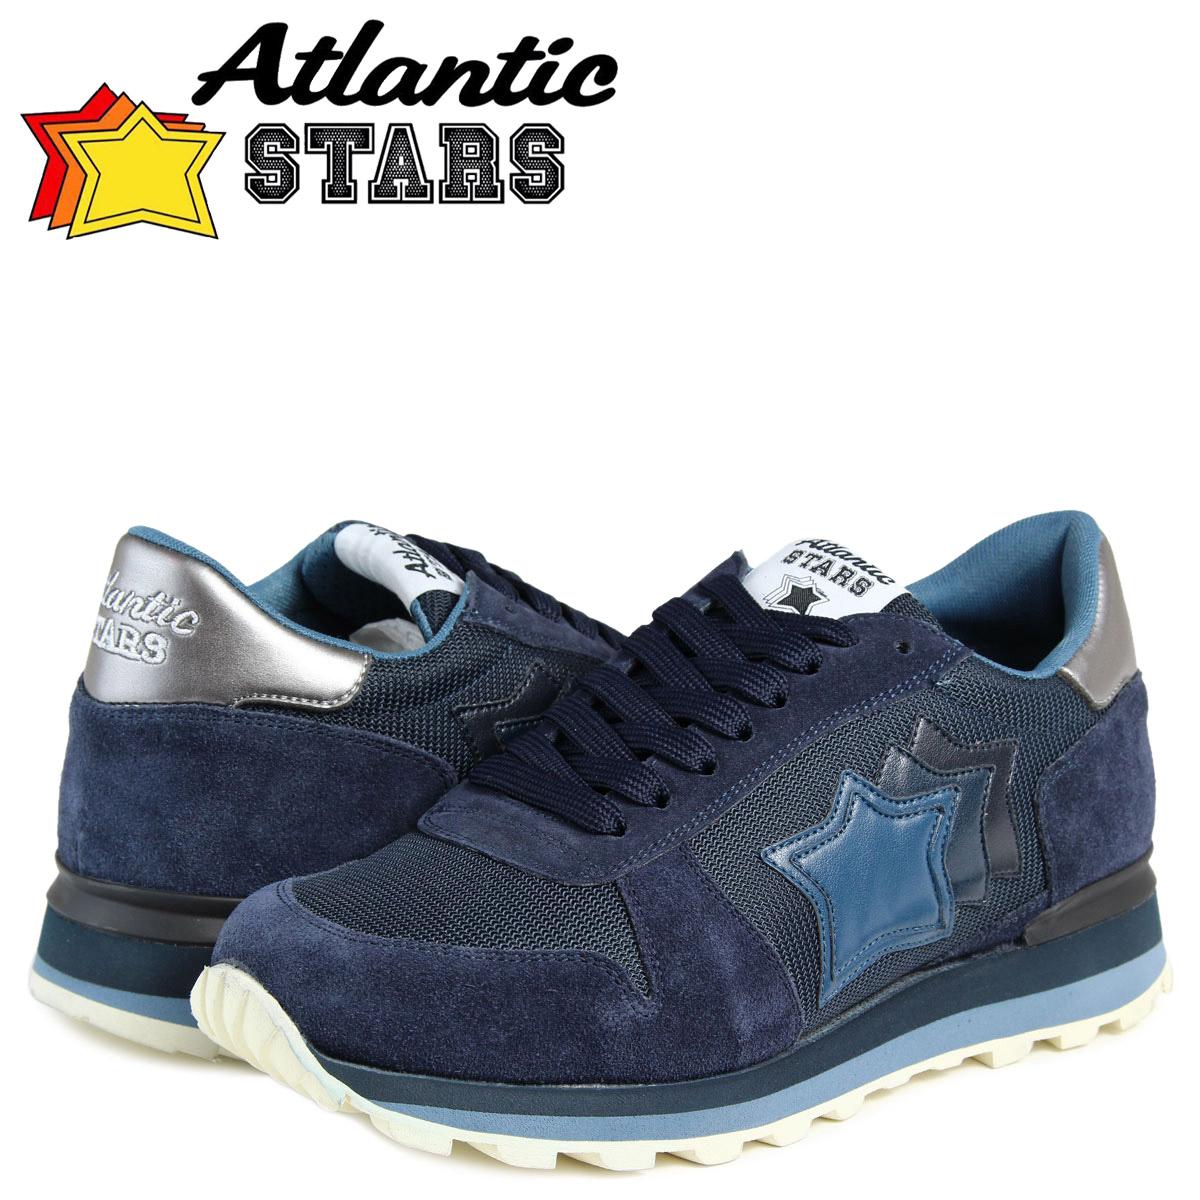 アトランティックスターズ メンズ スニーカー Atlantic STARS シリウス SIRIUS MAN-PR-LABN ネイビー